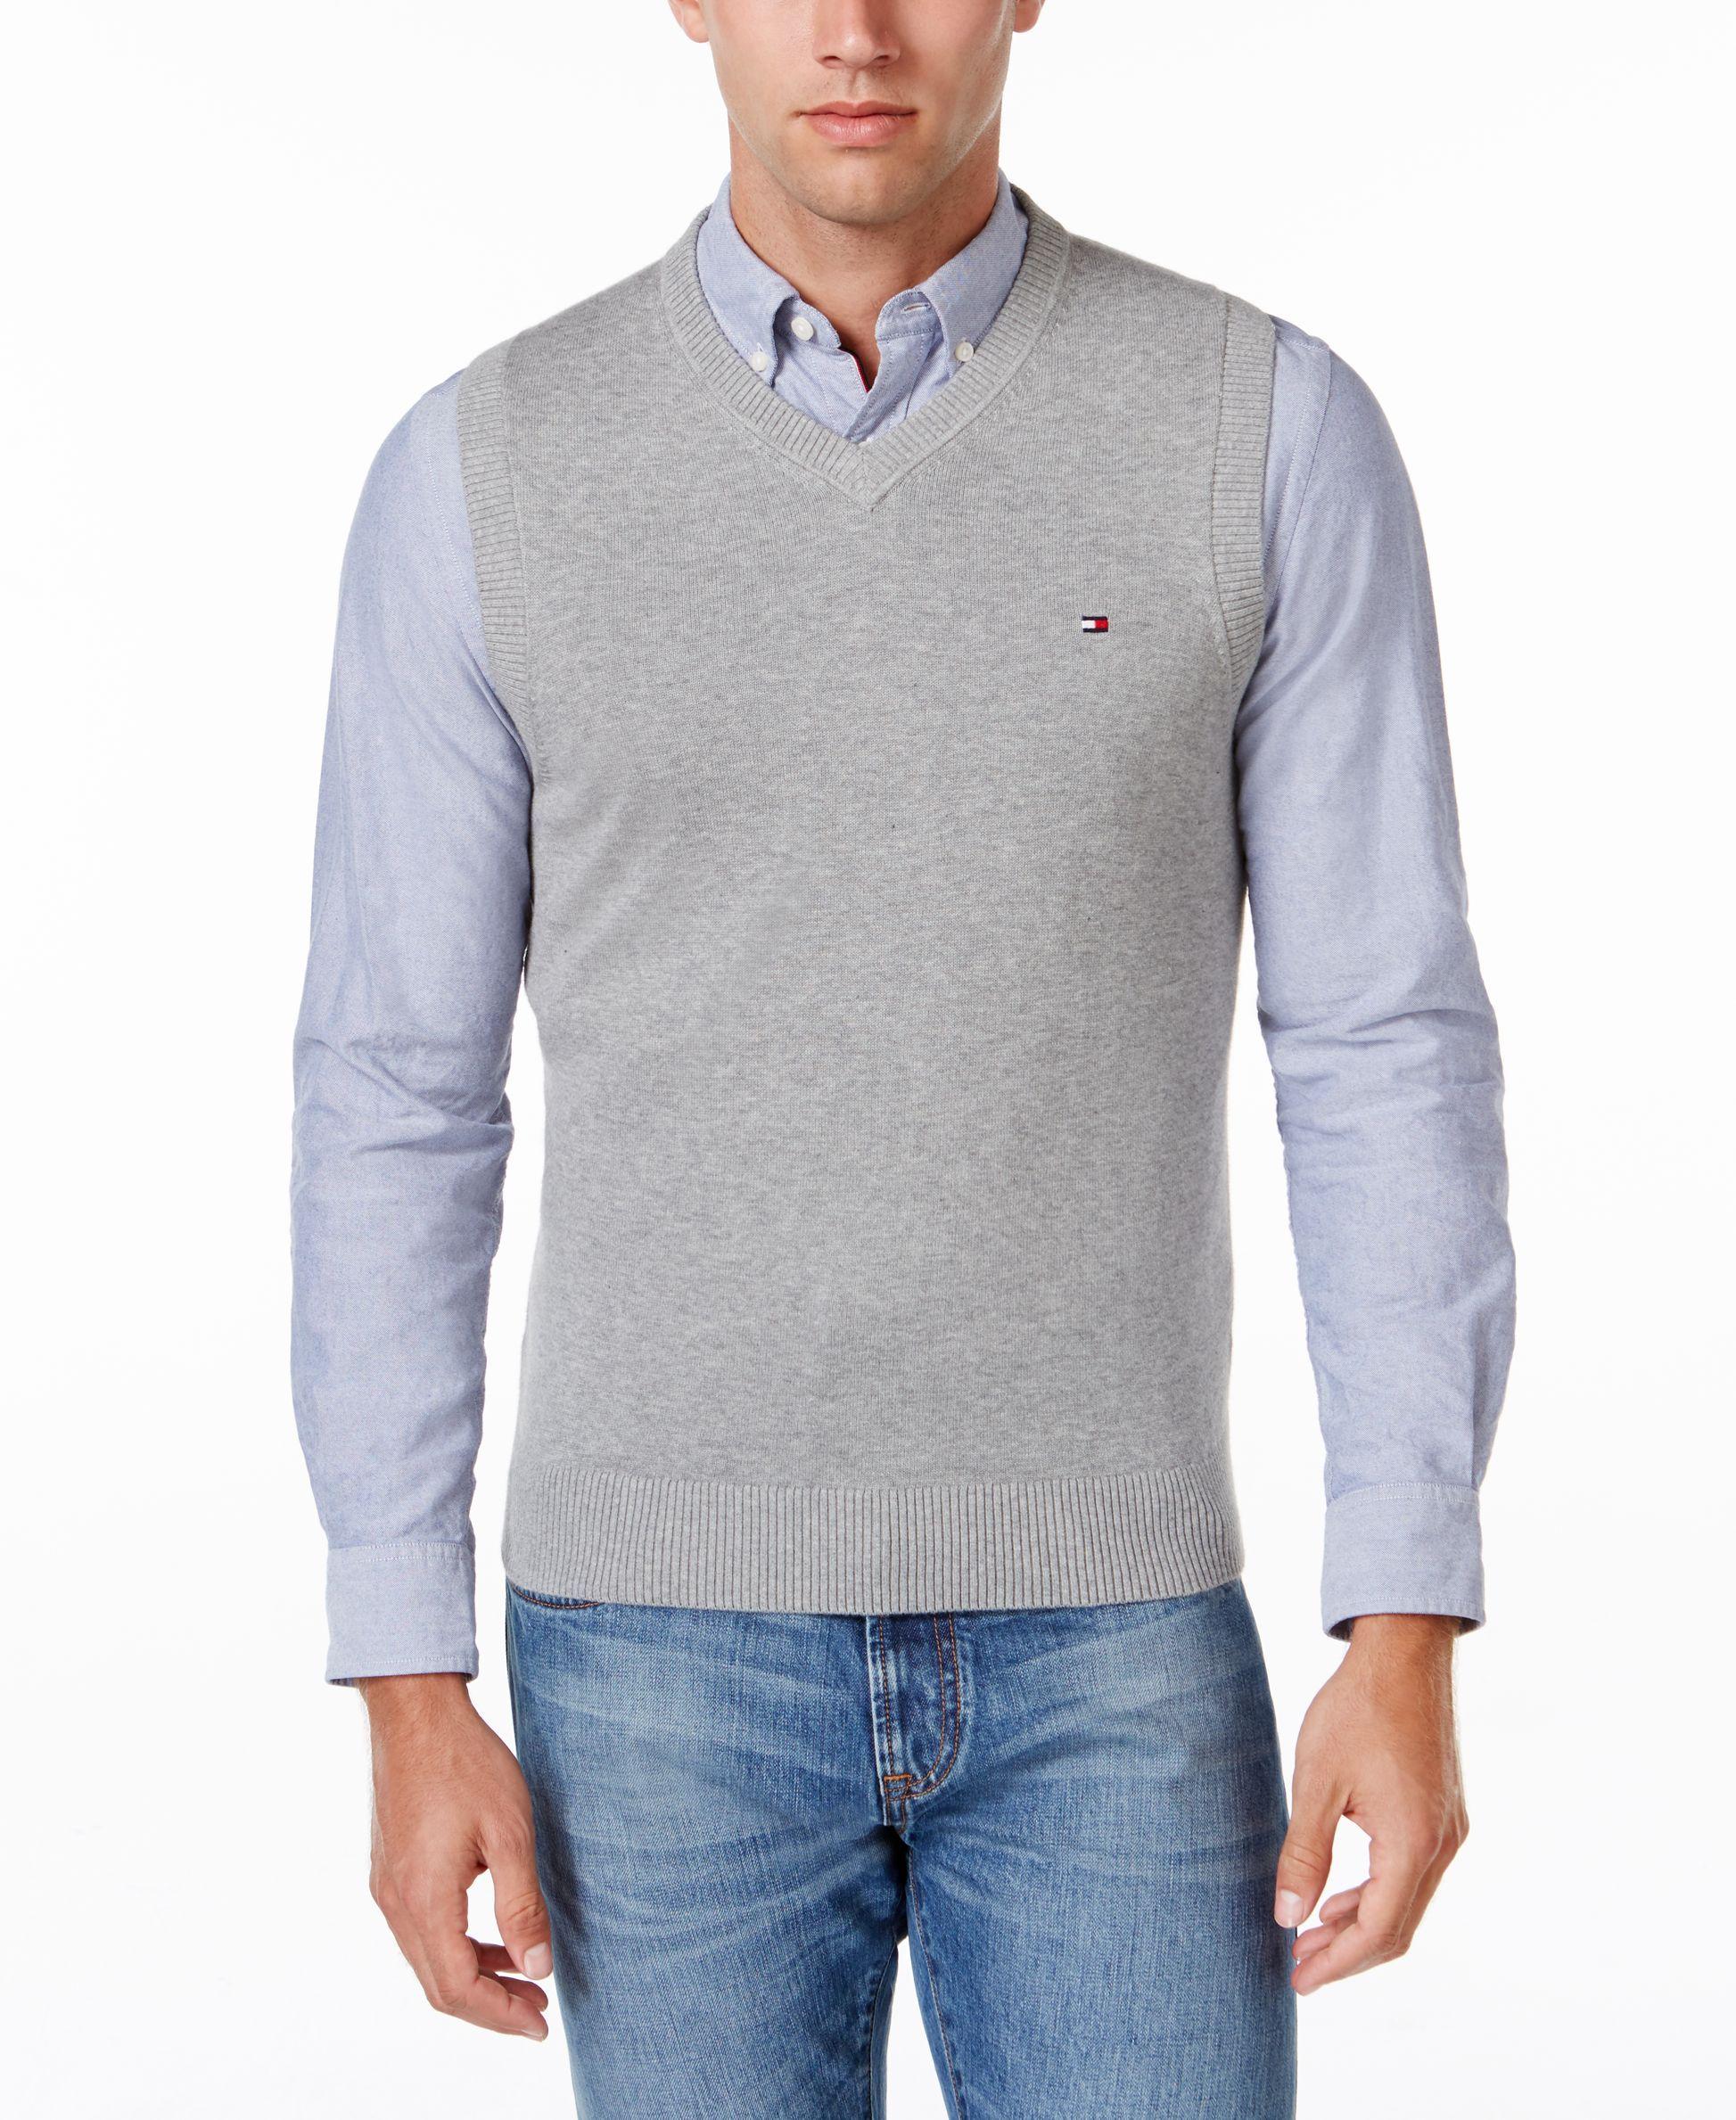 Tommy Hilfiger Men's Signature Solid V-Neck Sweater Vest ...